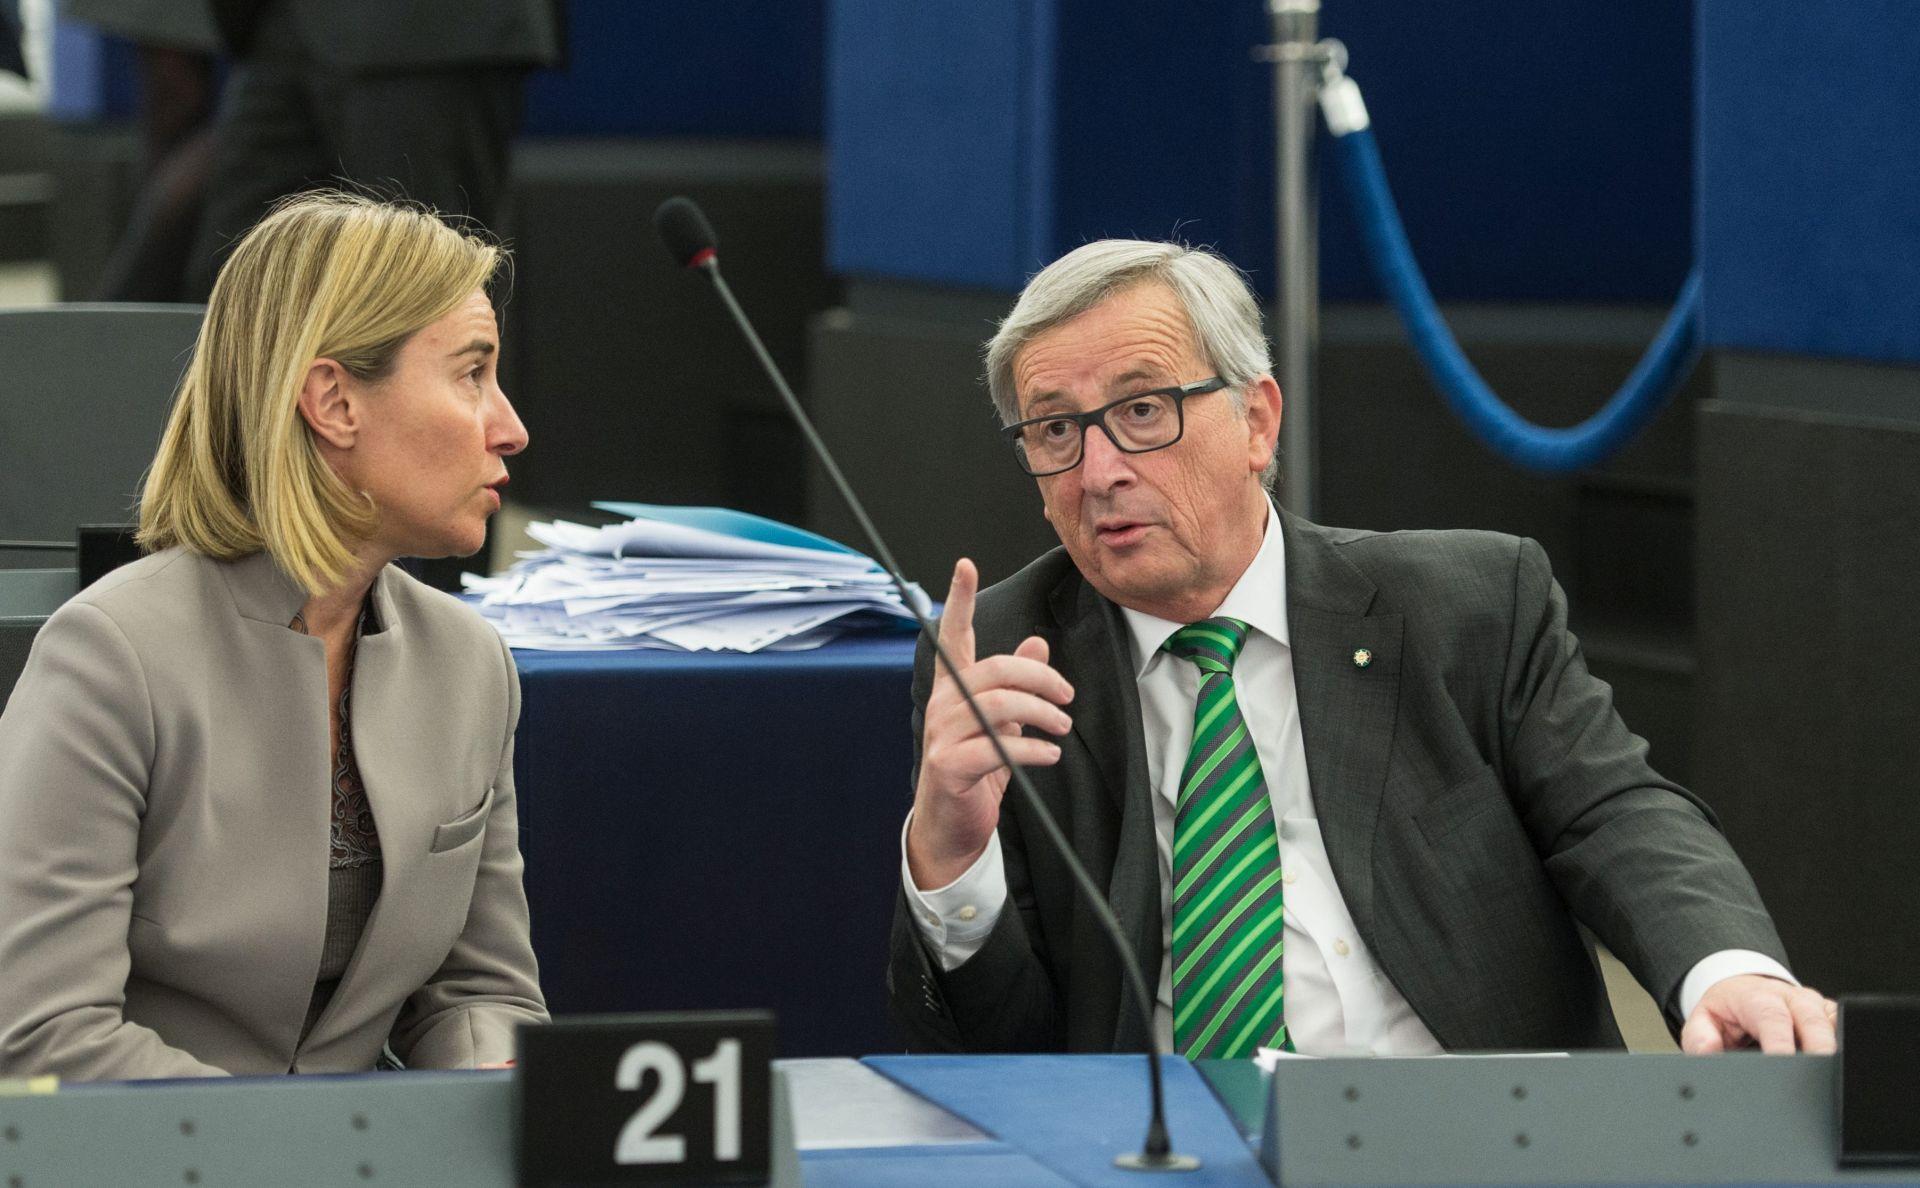 Europska komisija pozvala Tursku na najširi mogući nacionalni konsenzus